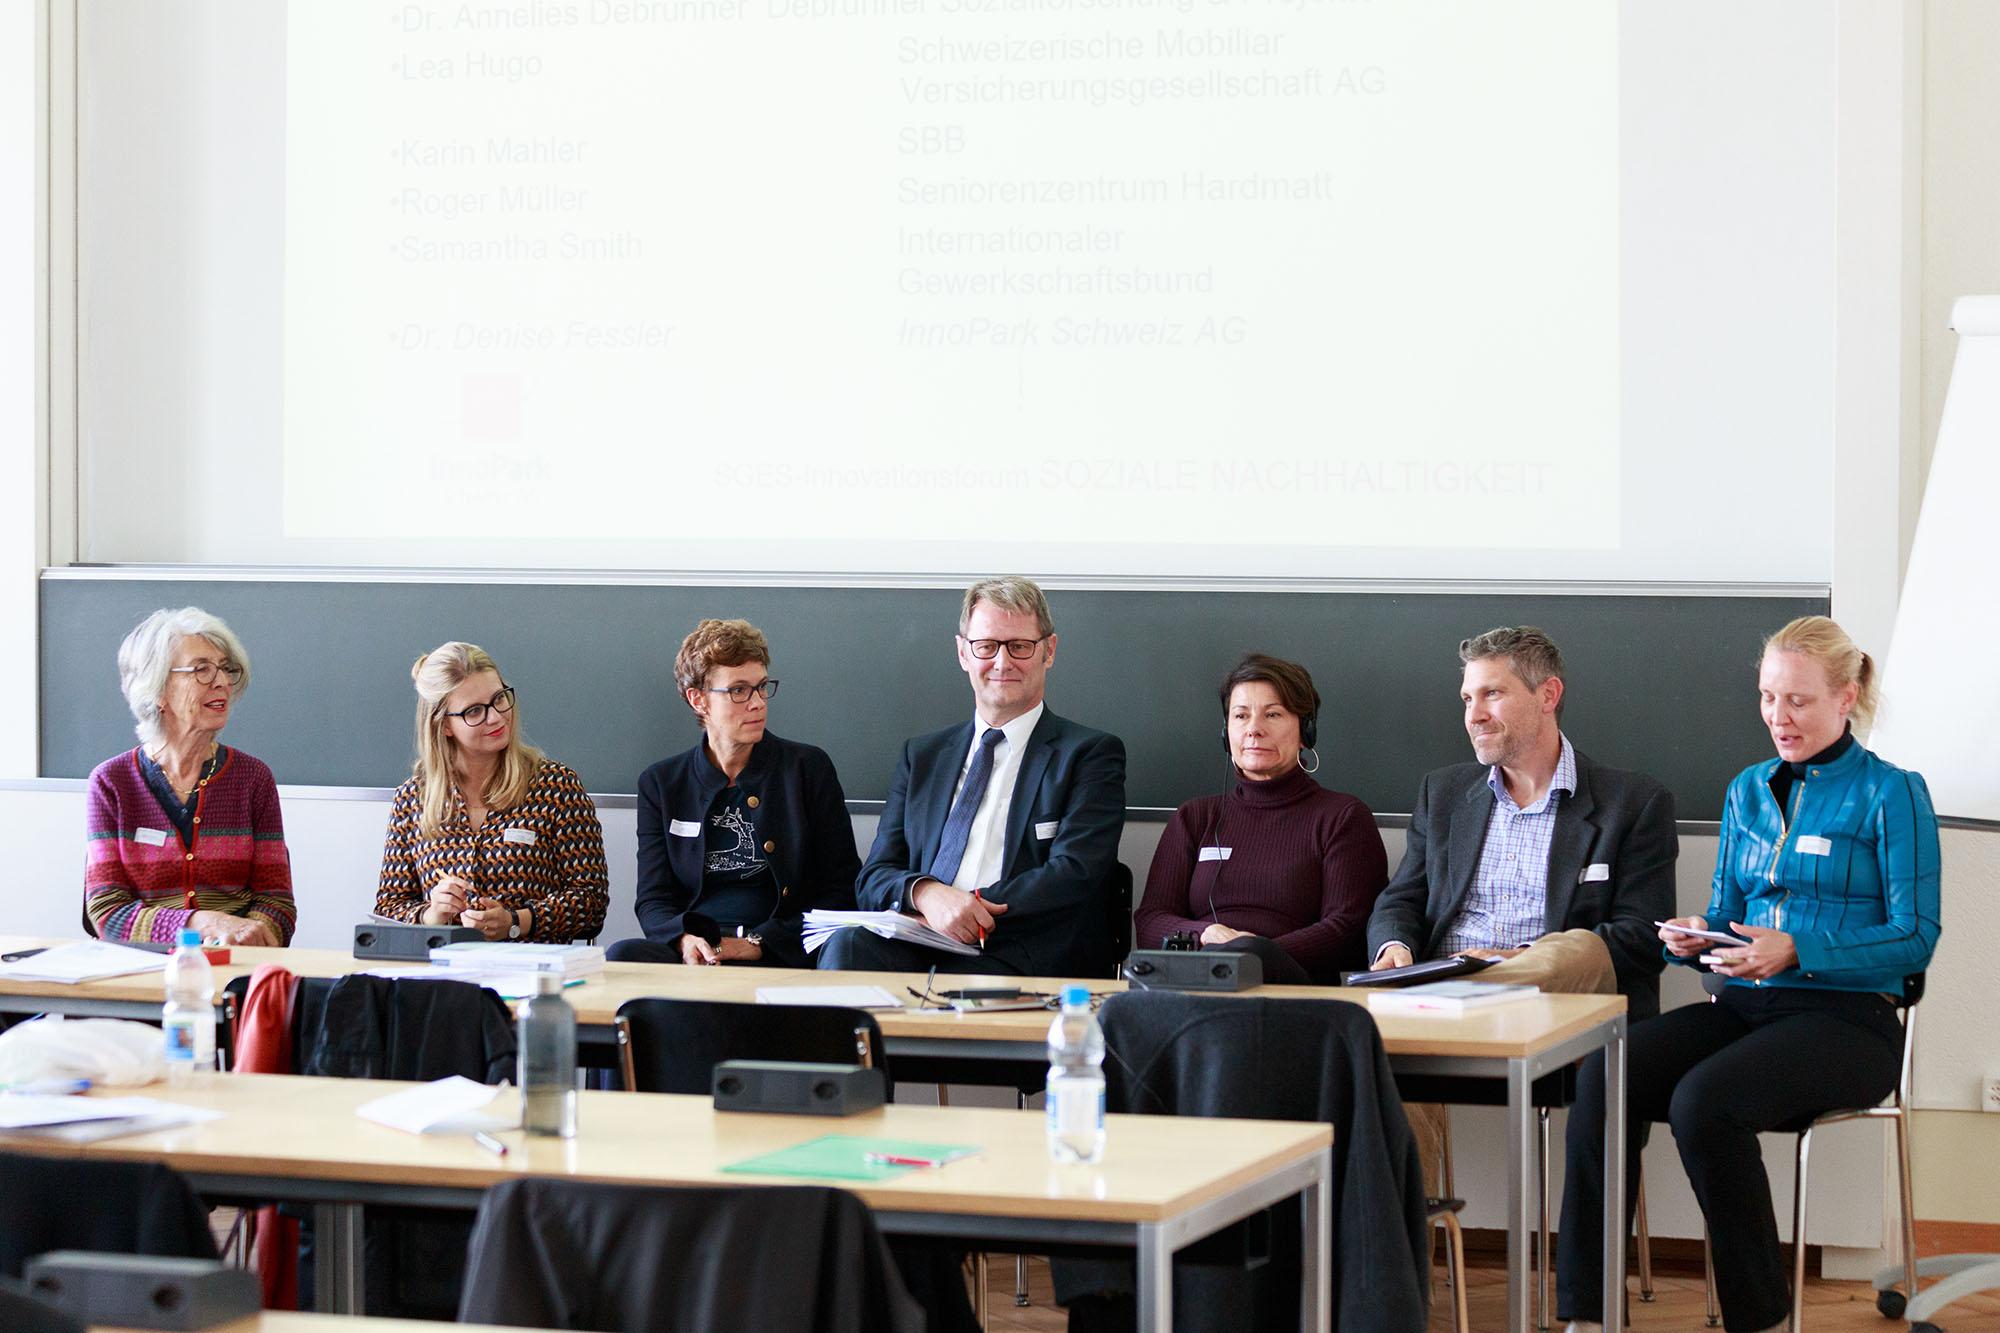 Annelies Debrunner, Lea Hugo, Karin Mahler, Roger Müller, Samantha Smith, Marco Styner, Denise Fessler